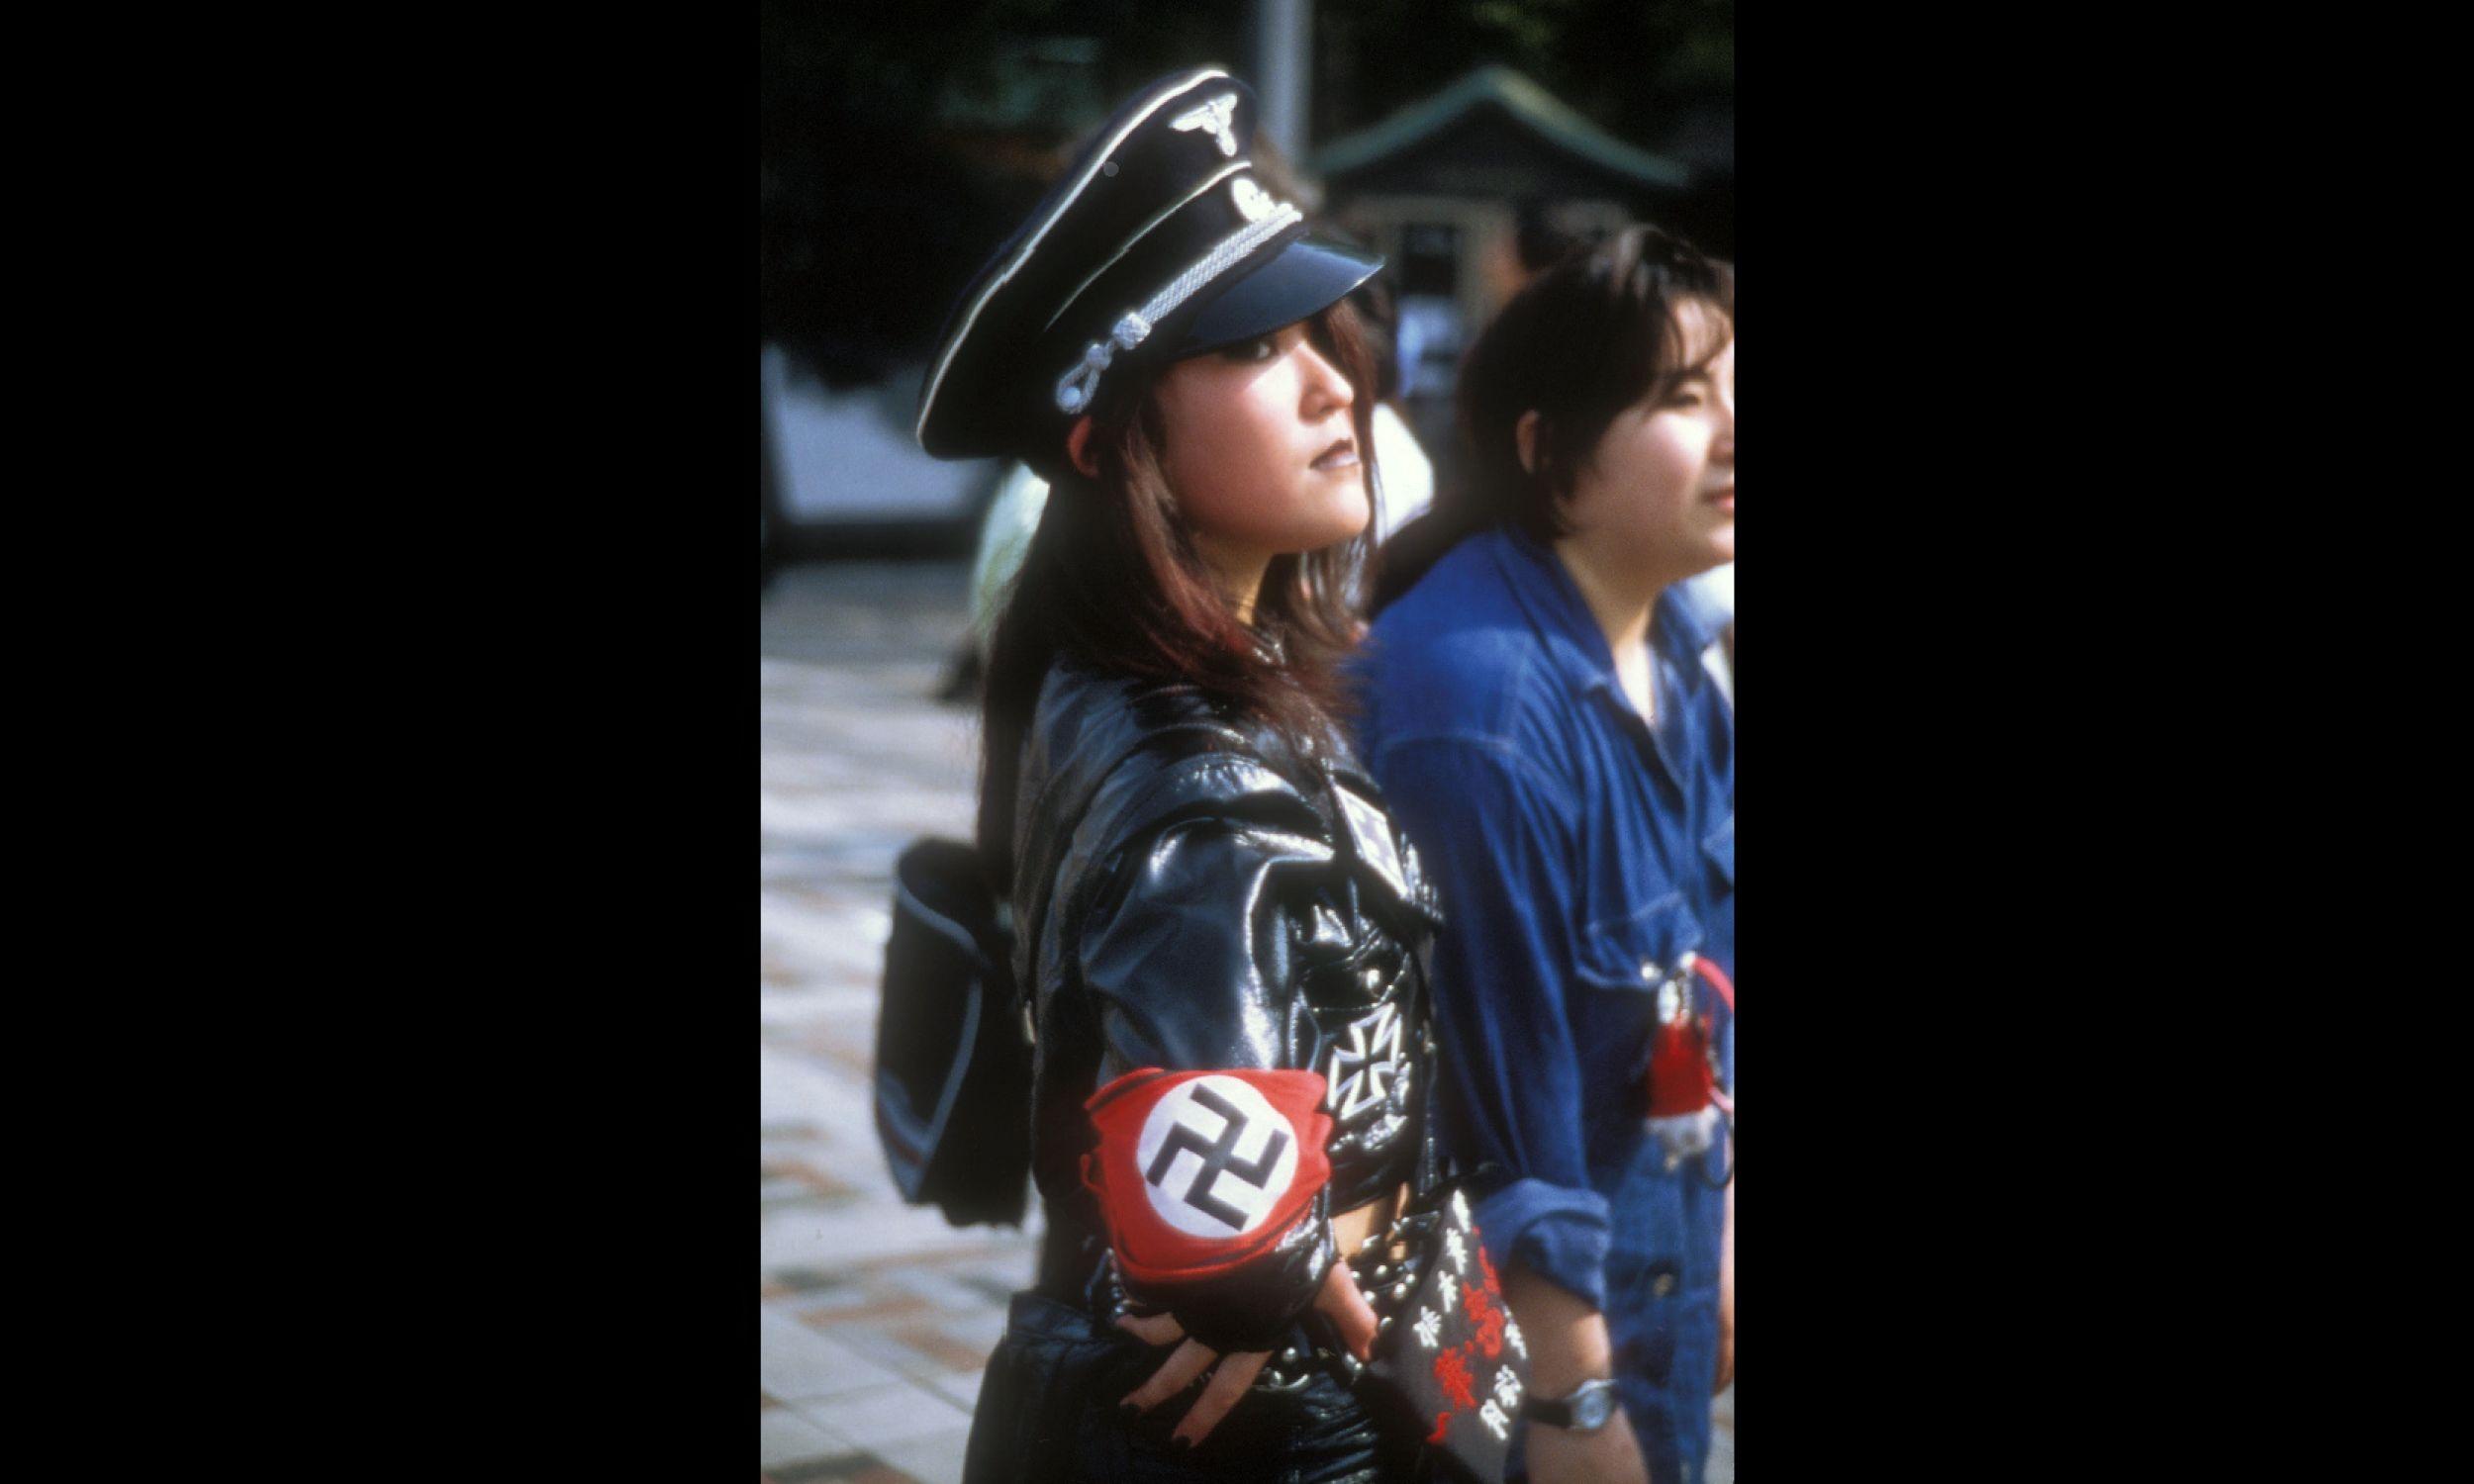 Japonka w unformie nawiązującym do nazistowskich mundurów. Fot. PYMCA / UIG via Getty Images